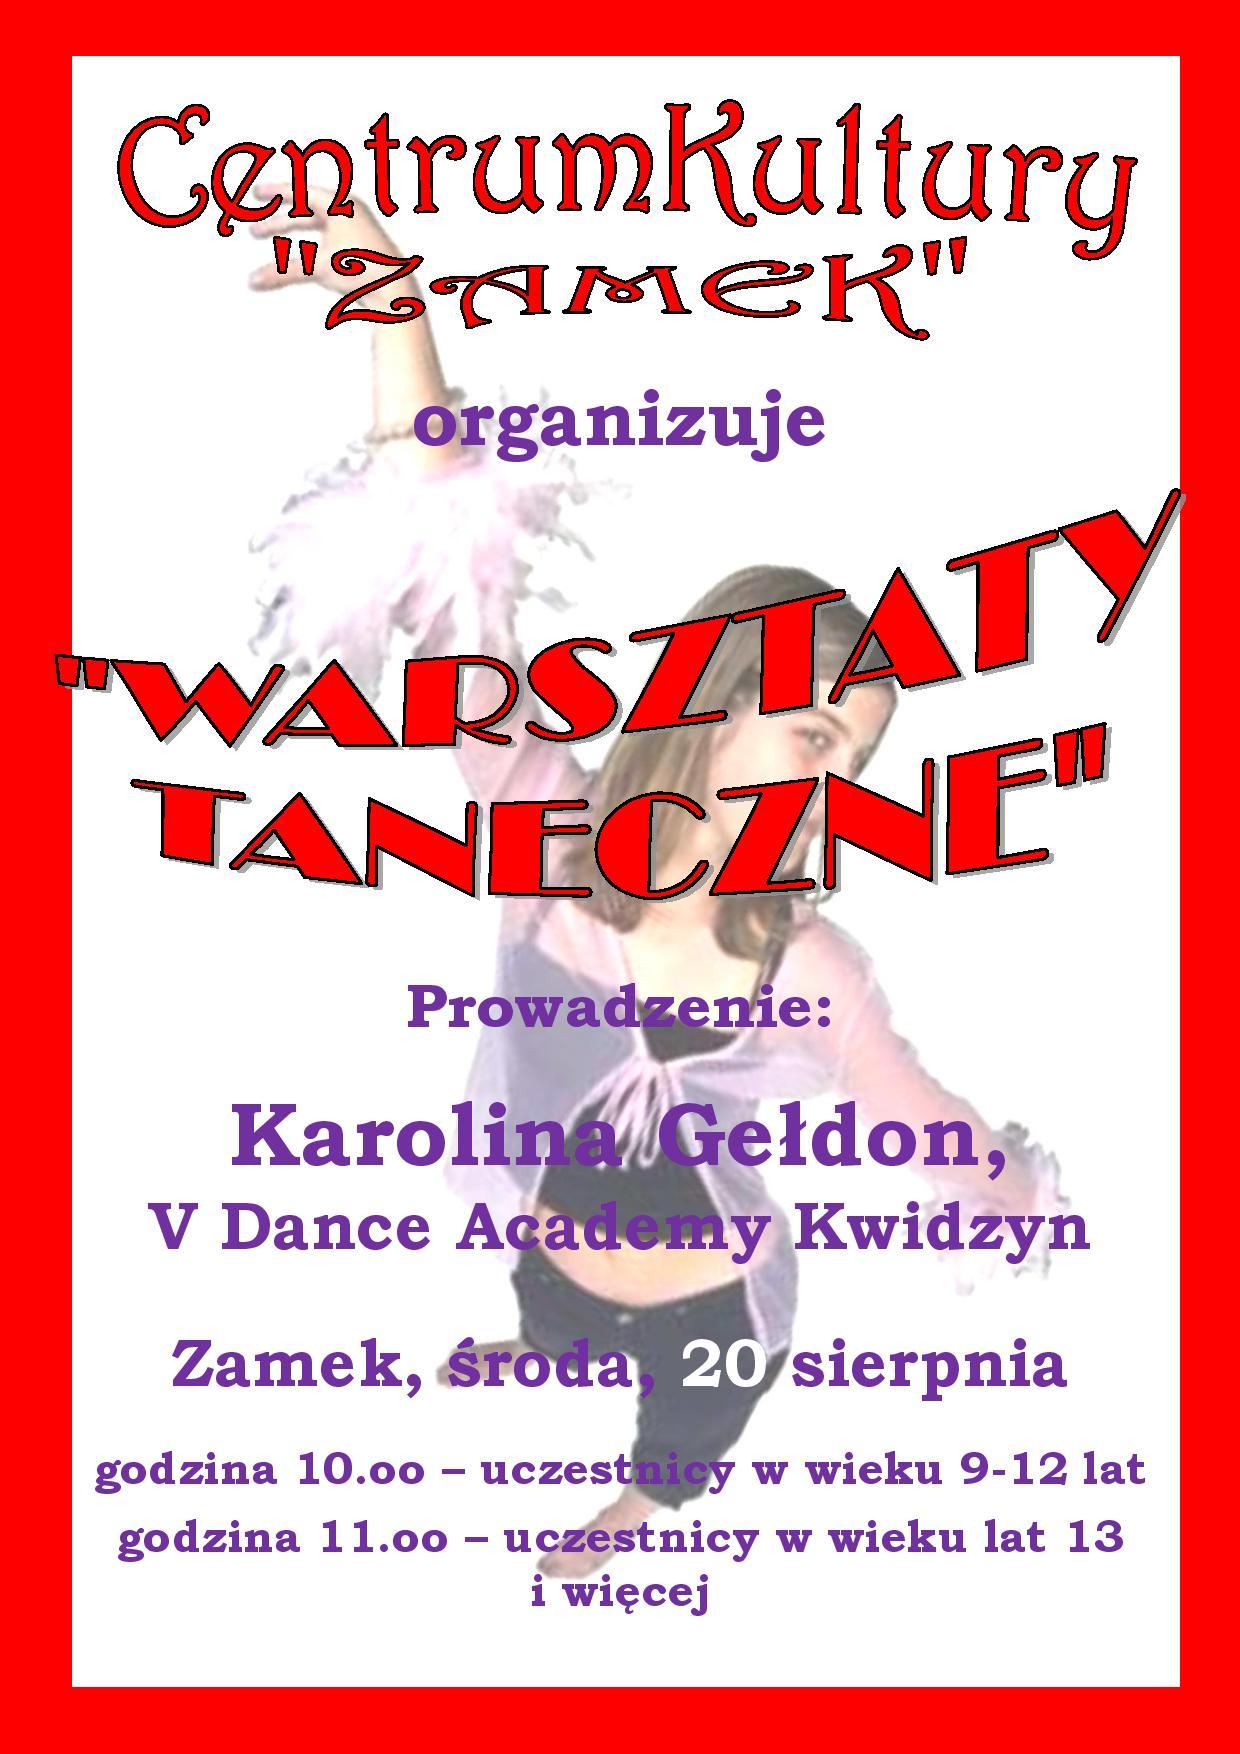 Warsztaty-20Taneczne-202-2-page-001-1-.jpg